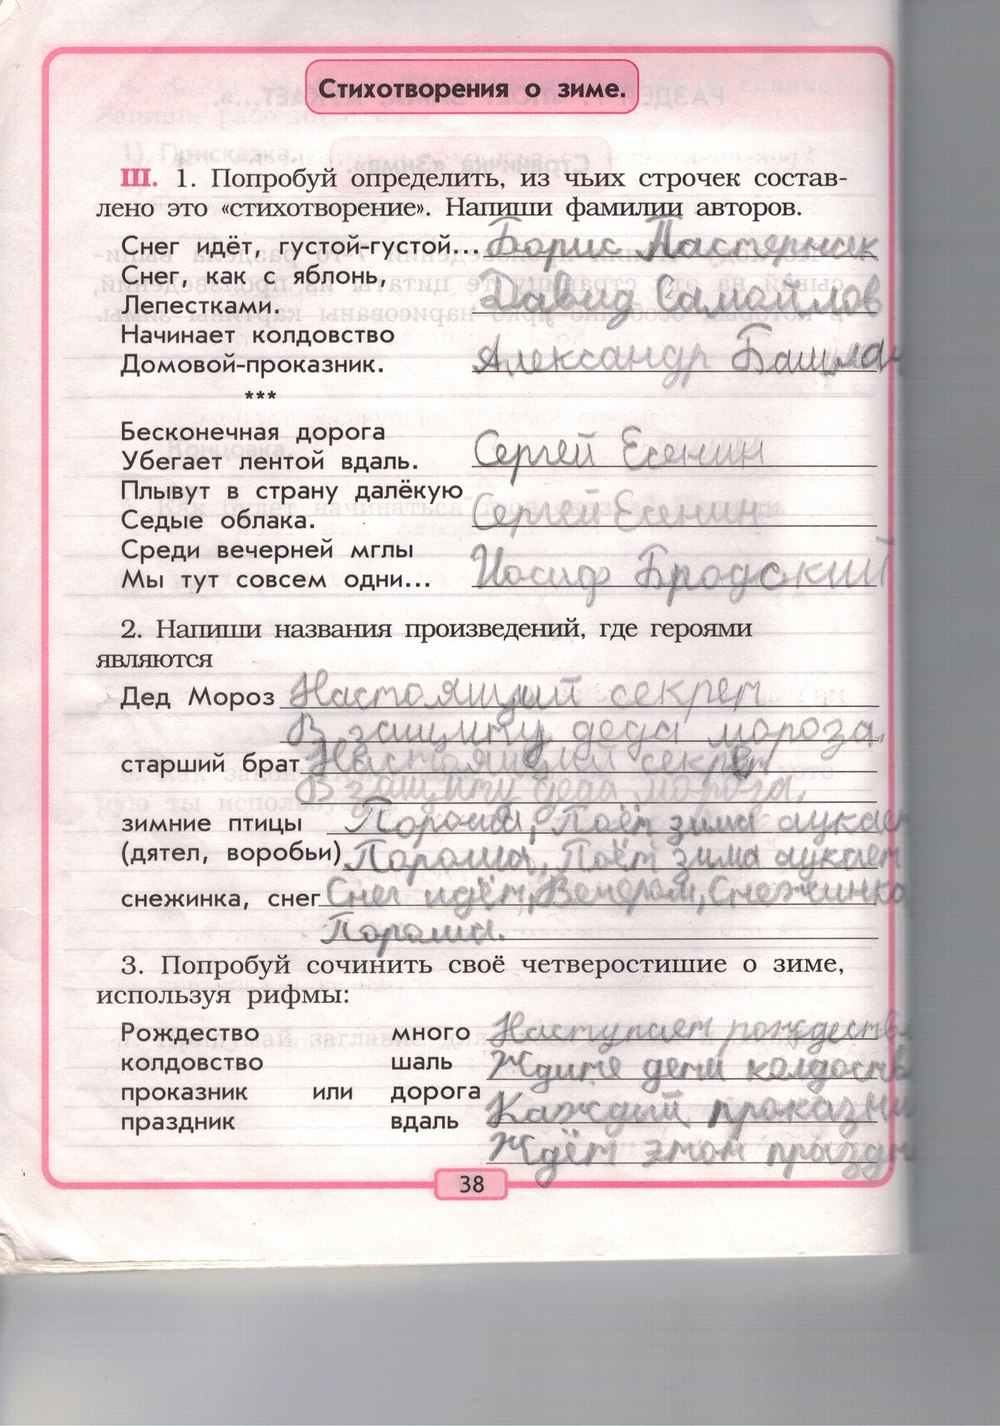 Решебник 3 ответы гдз литературному бунеев по класс чтению